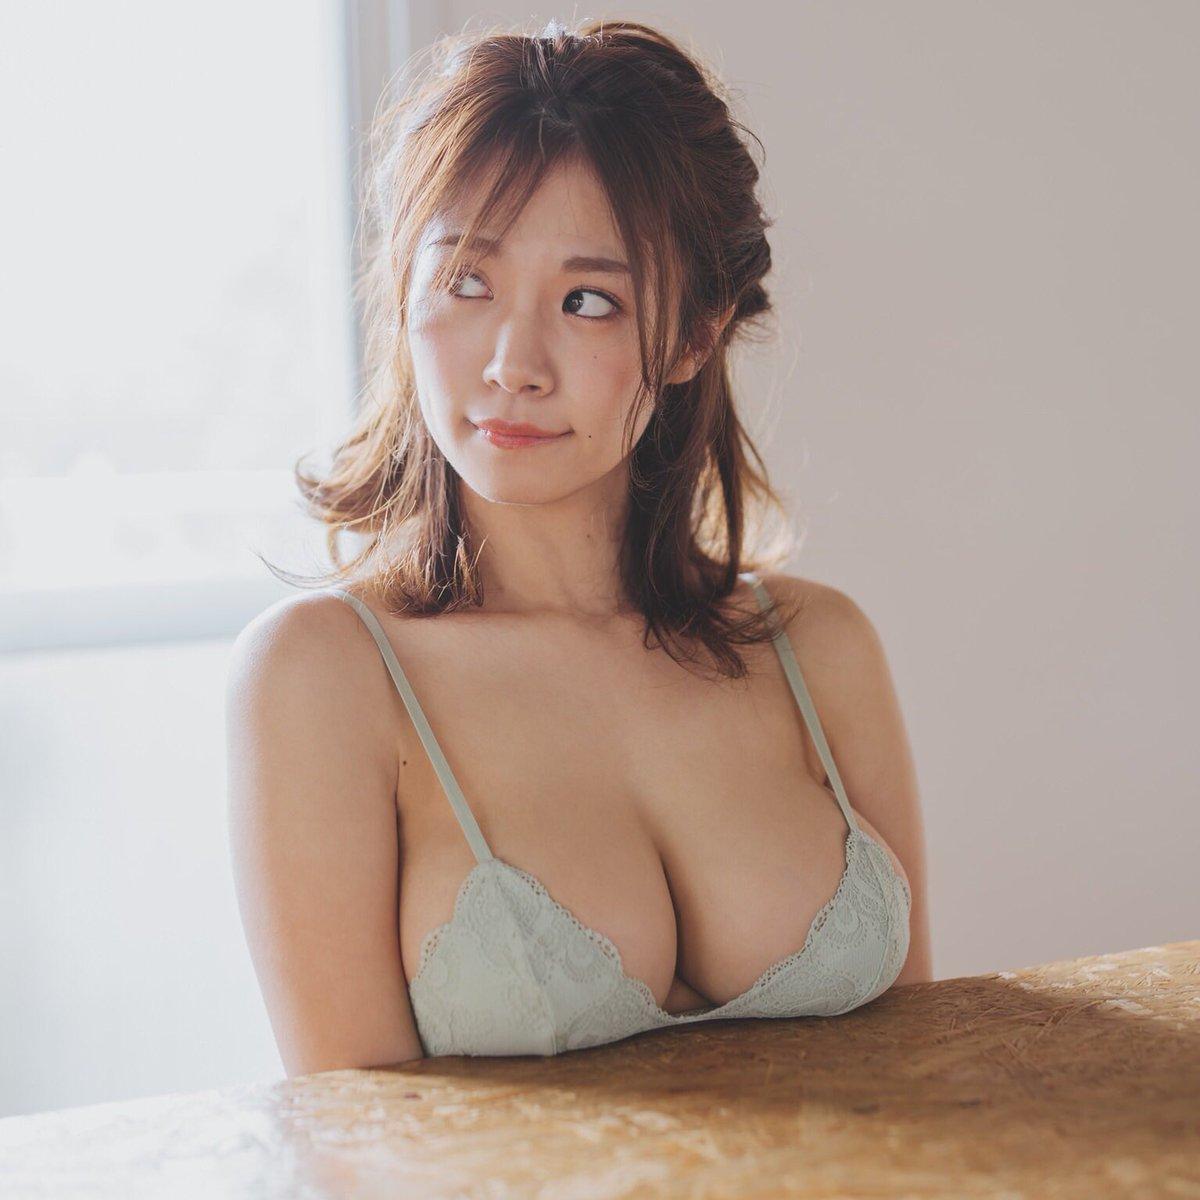 菜乃花の爆乳画像4